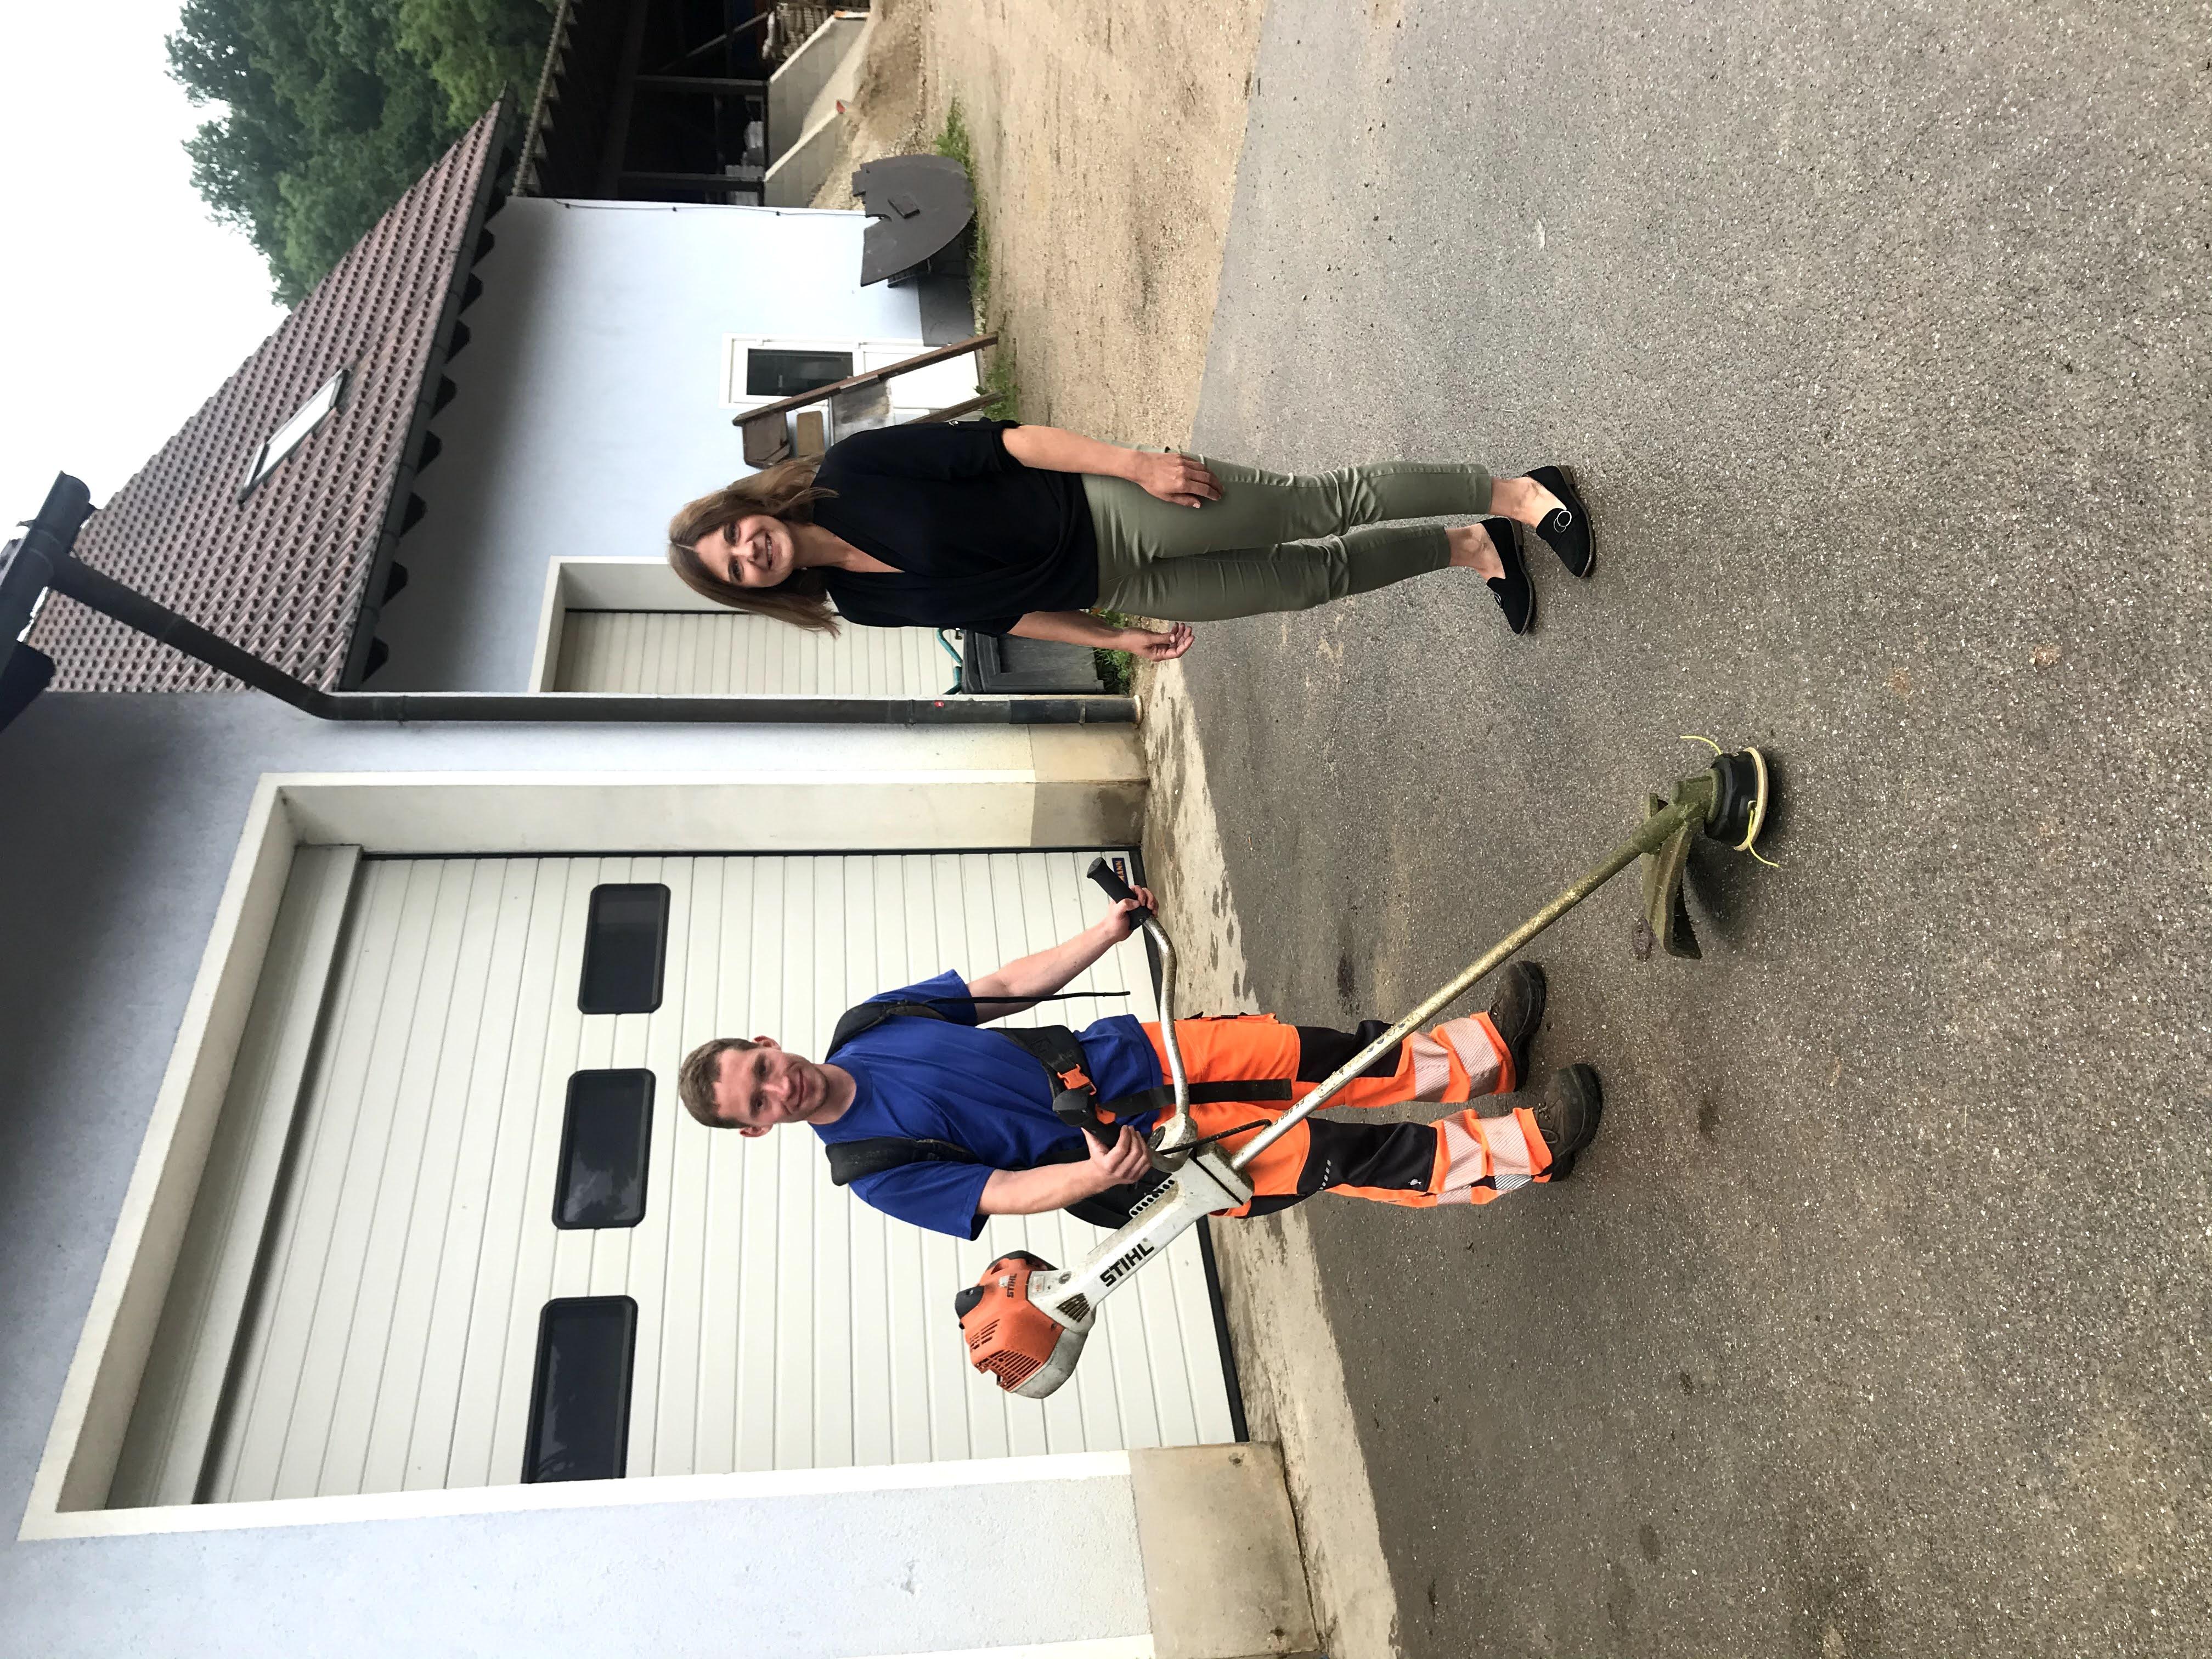 Einmal wöchentlich besucht Integrationsbegleiterin Kerstin Tichatschke Lukas Wirth auf dem Bauhof. Sie ist auch Ansprechpartnerin für das Bauhofteam.